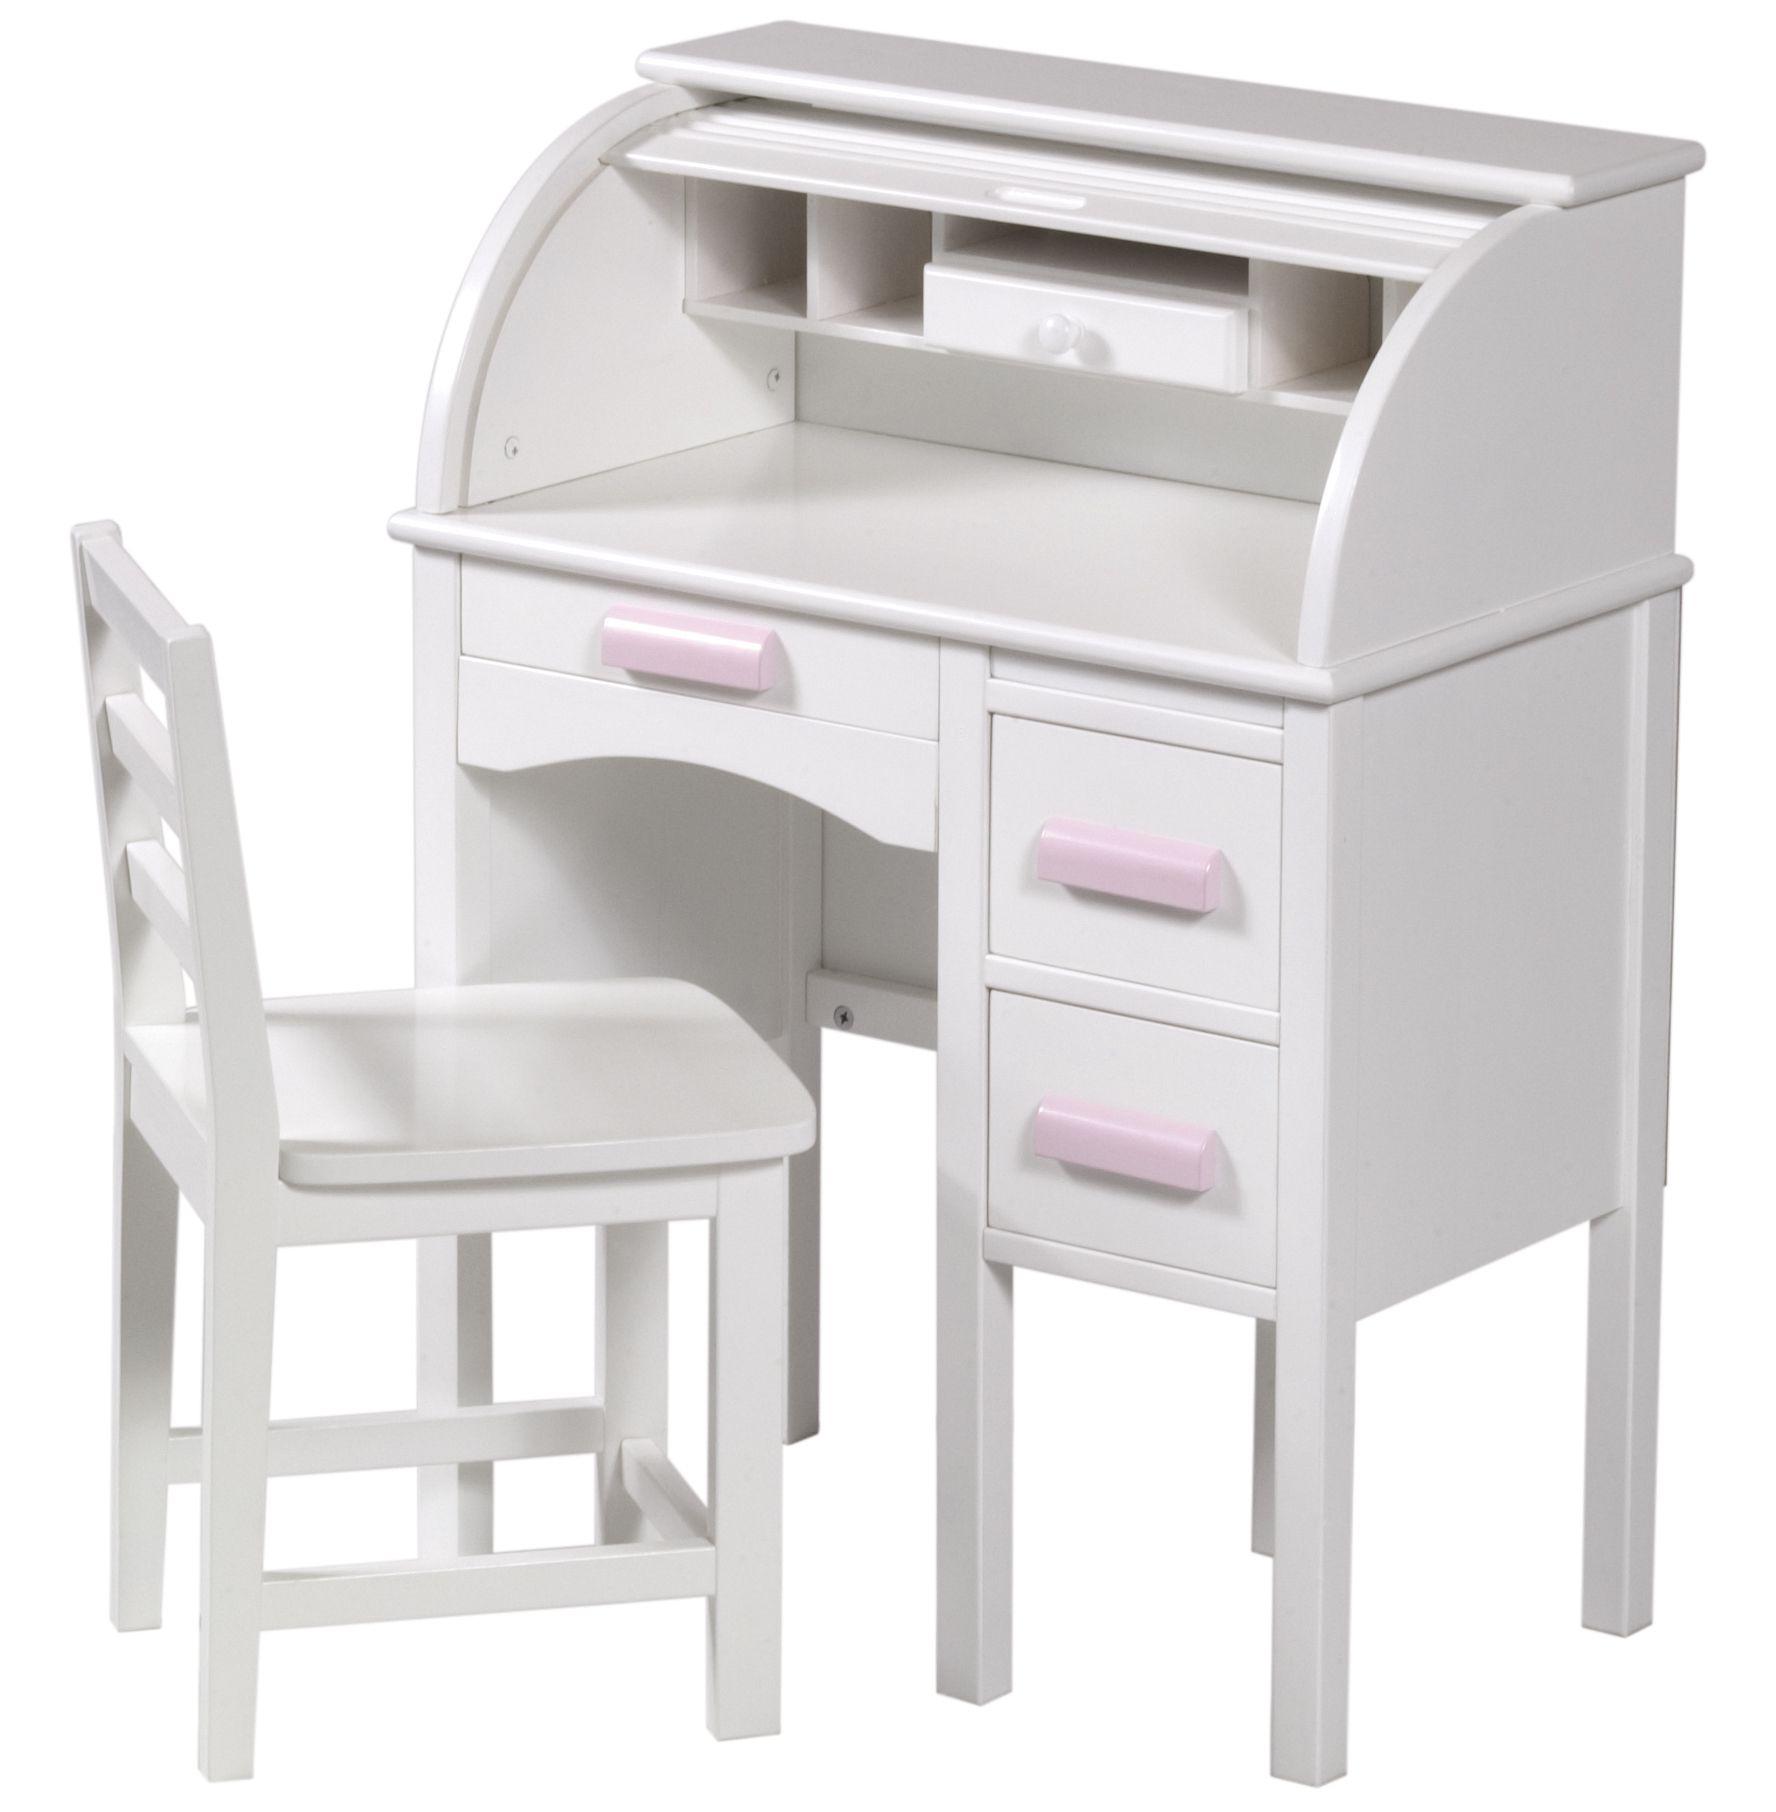 childrens desks guidecraft jr rolltop desk white CCFUVON